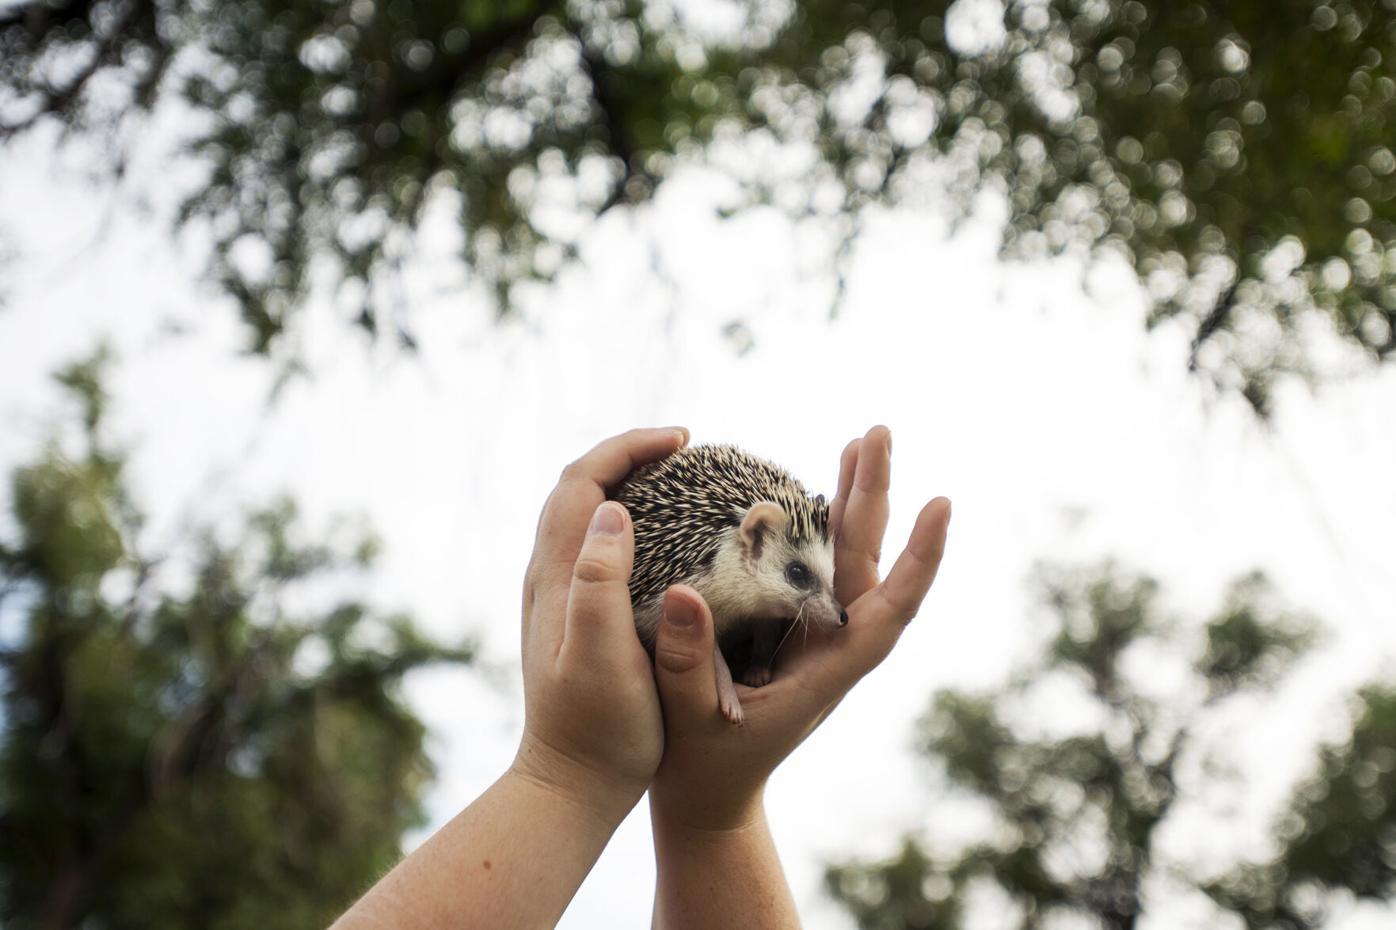 082921-life-hedgehogs 07